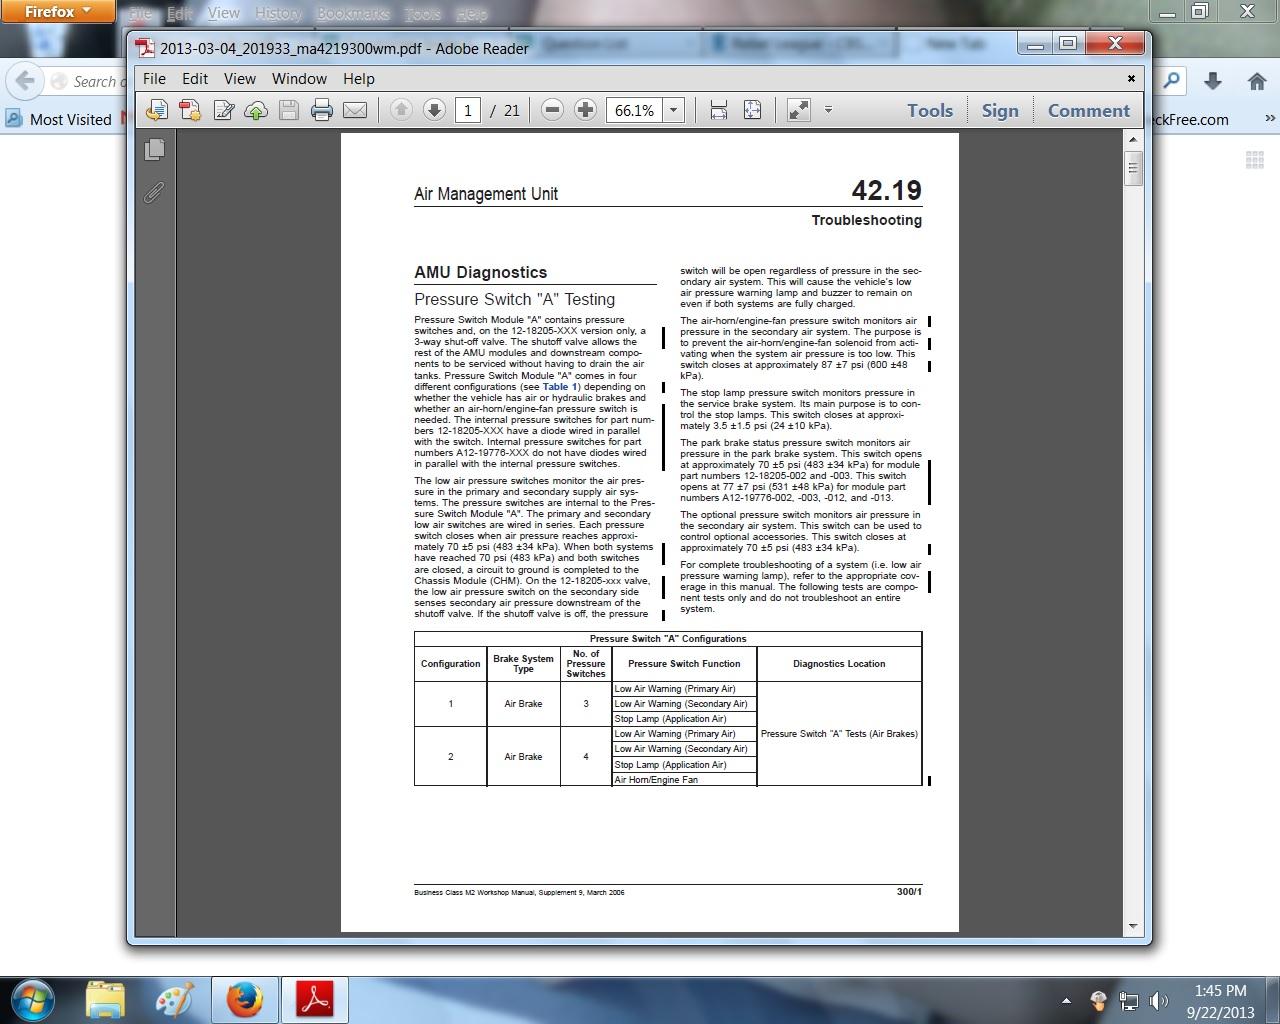 I Have A 2003 Business Class M2 Freightliner Problem W The Amu Wiring Diagram F8800060 1877 4c6b 9dbc 2a439116dd5c